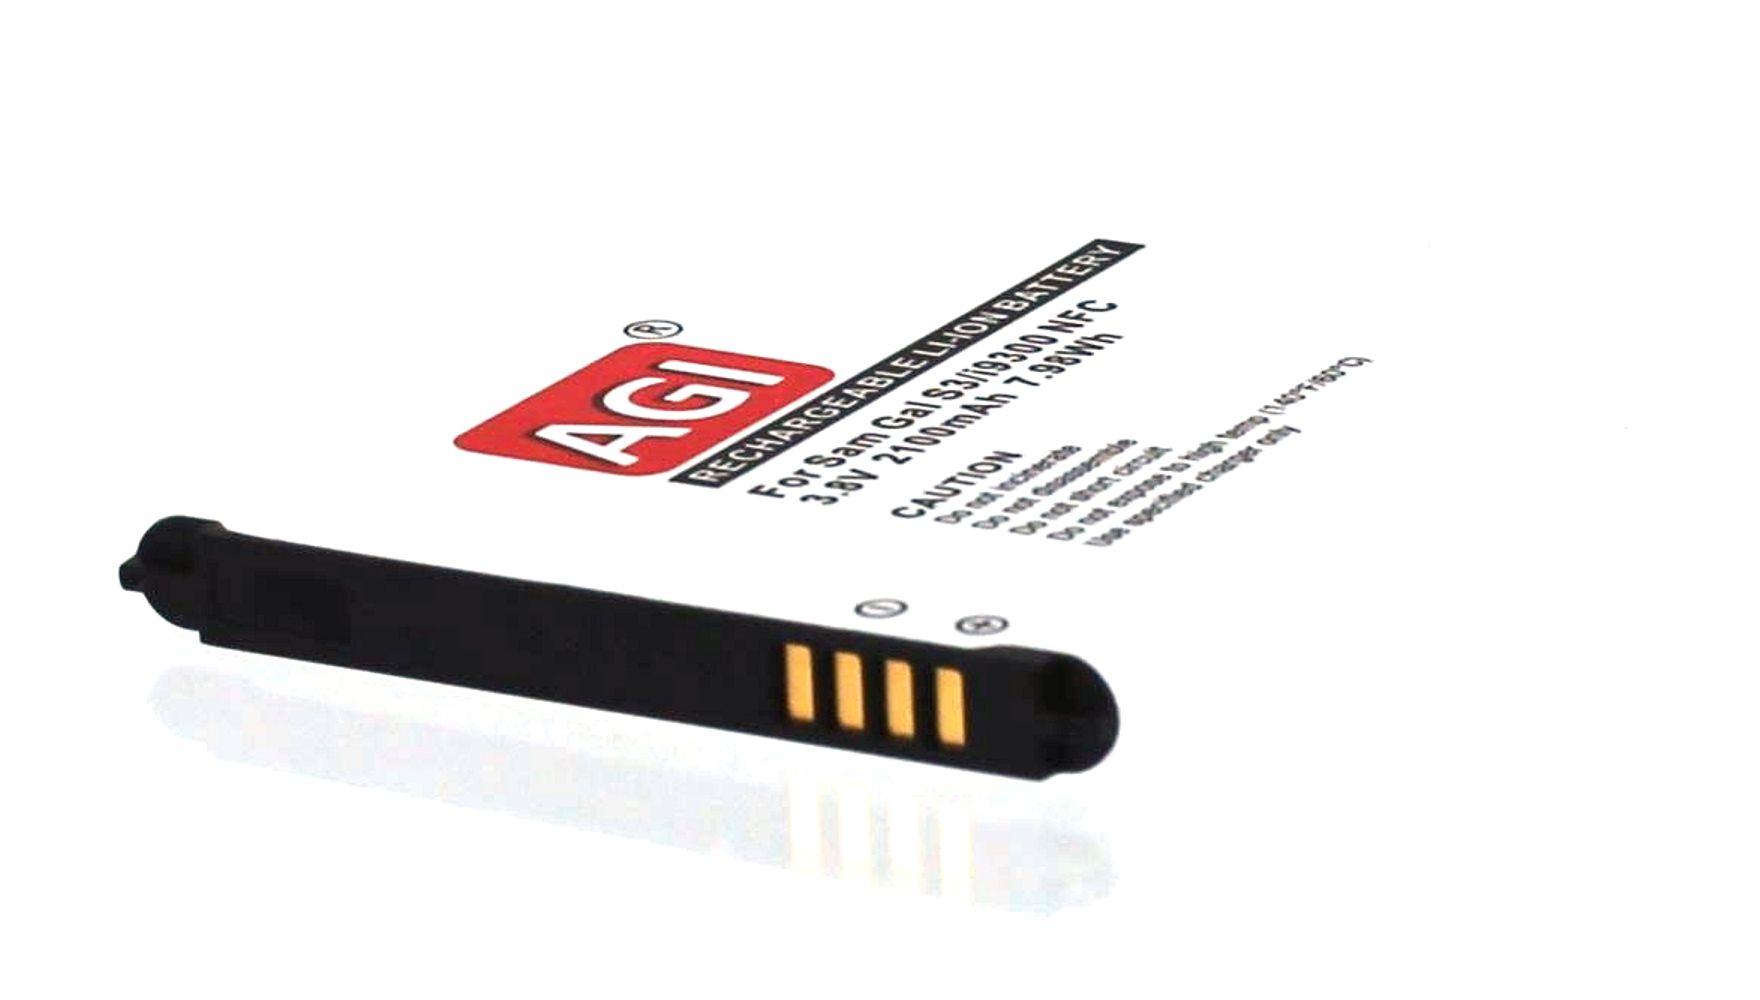 Akku kompatibel mit Samsung Galaxy SIII kompatiblen